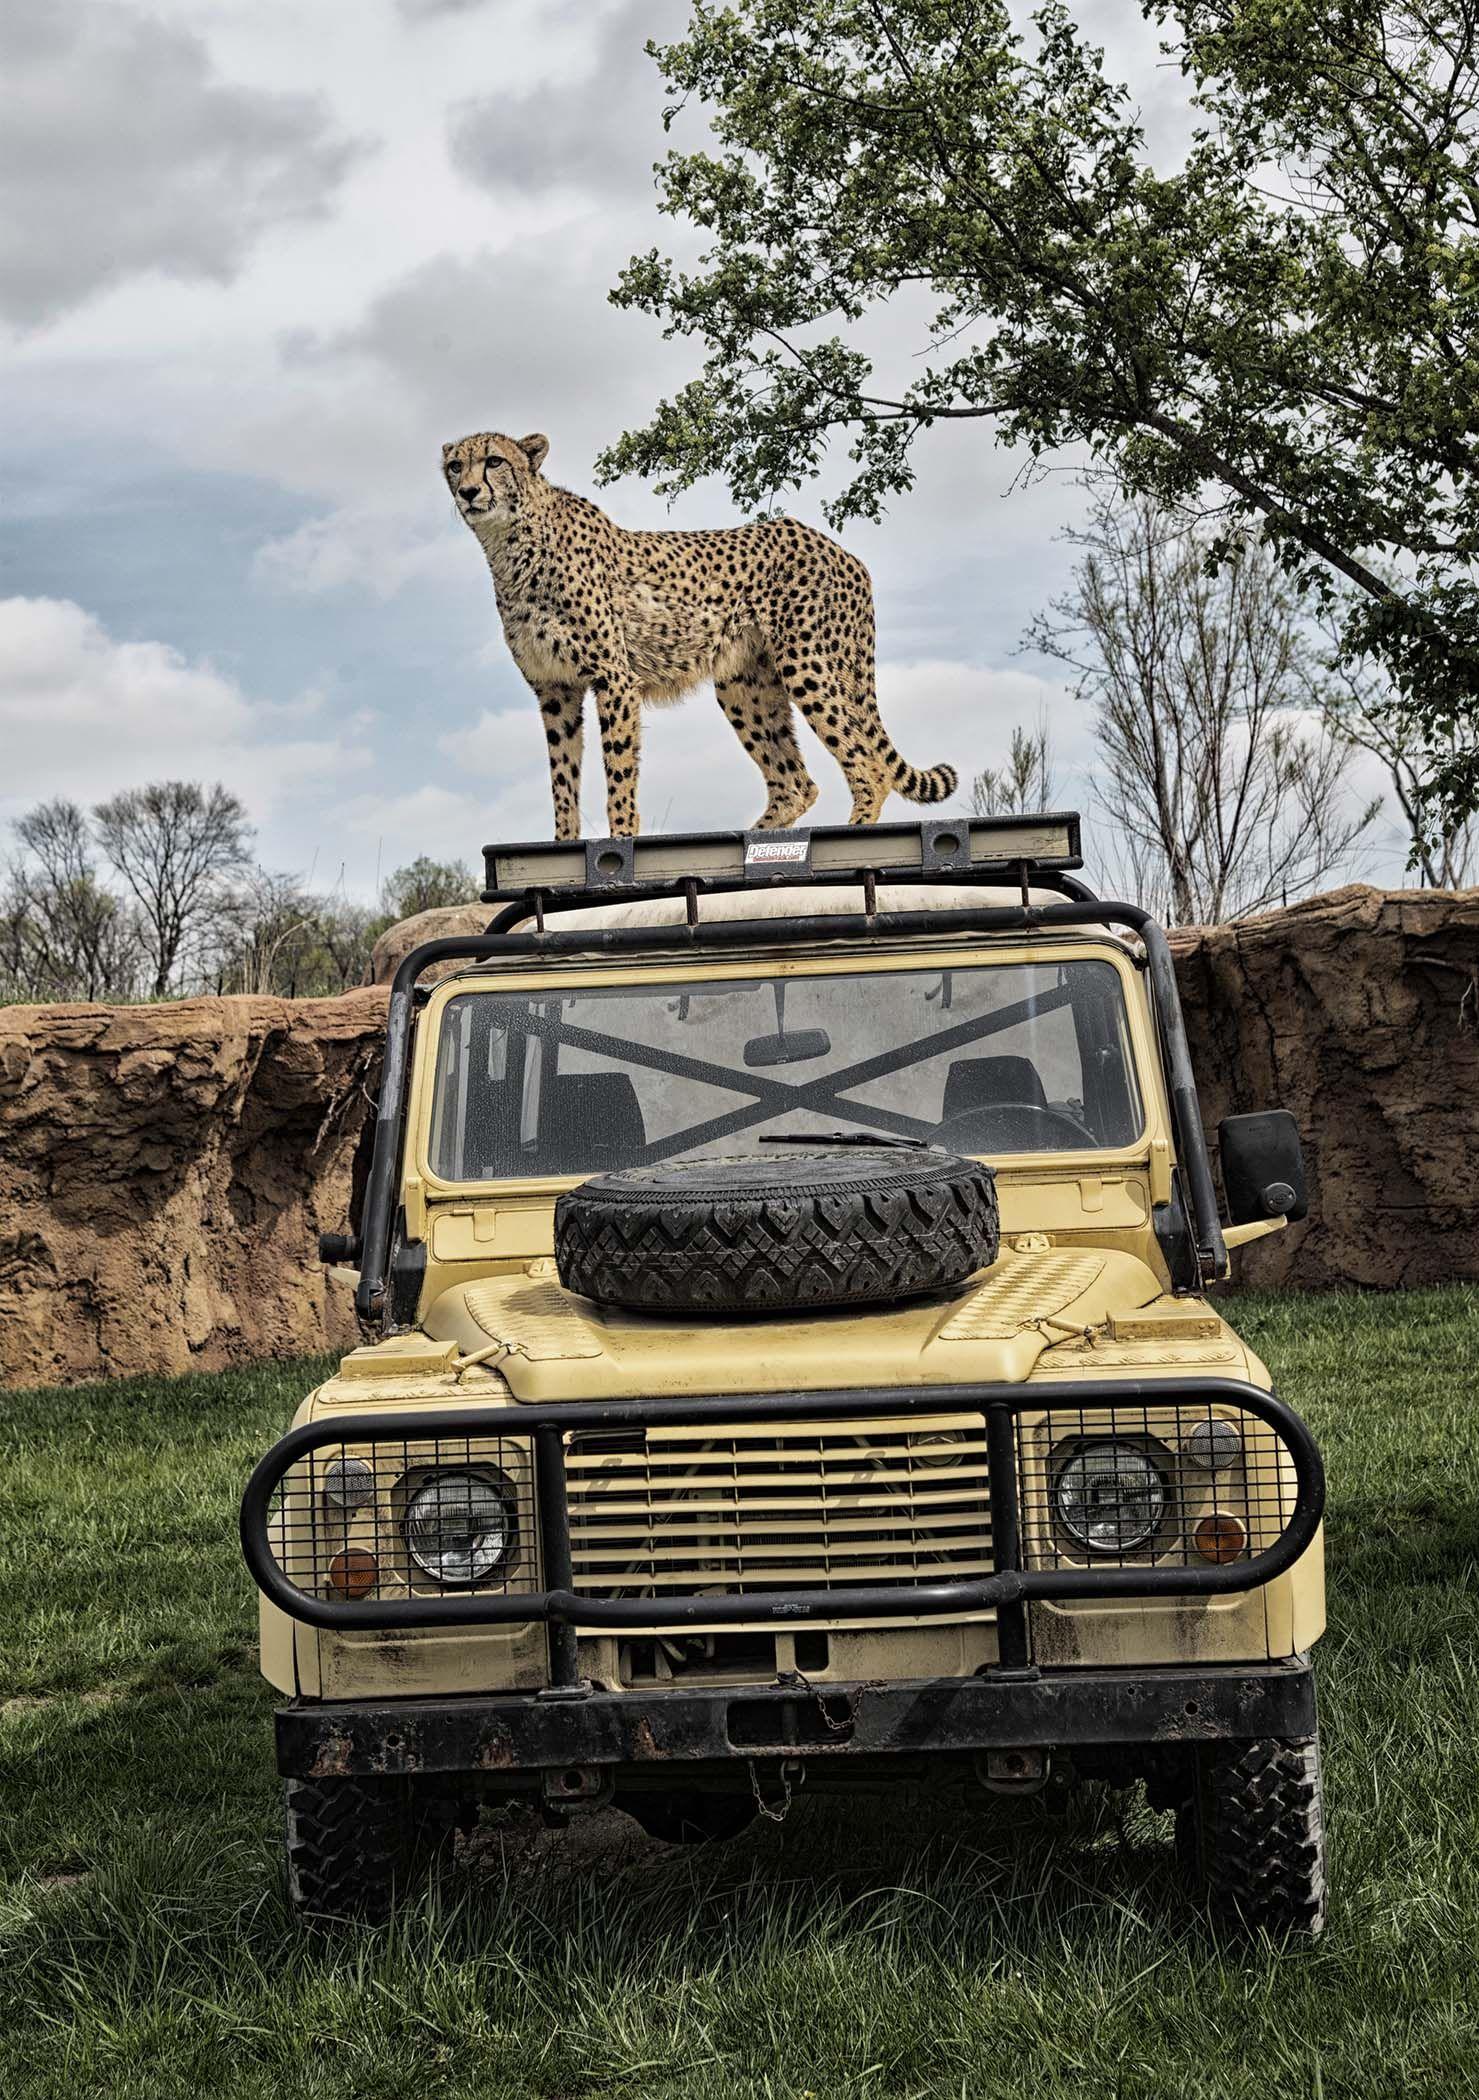 Photos A Stunning Peek Inside Columbus Zoo S Heart Of Africa